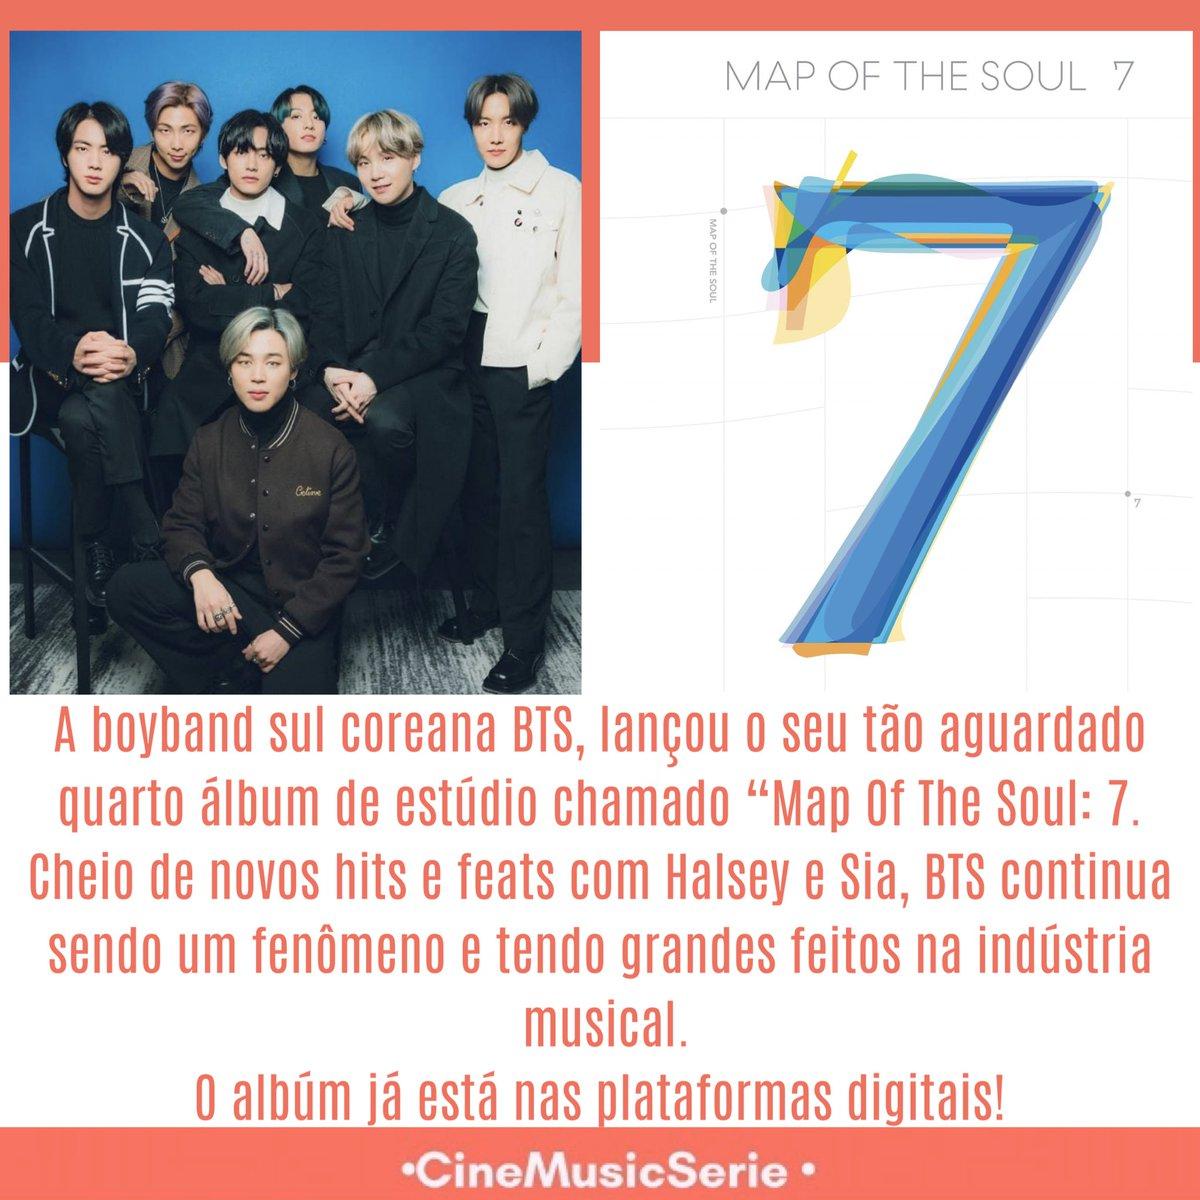 """A boyband sul coreana BTS, lançou o seu tão aguardado quarto álbum de estúdio chamado """"Map Of The Soul: 7. Cheio de novos hits e feats com Halsey e Sia, BTS continua sendo um fenômeno e tendo grandes feitos na indústria musical. O albúm já está nas plataformas digitais! #BTS"""